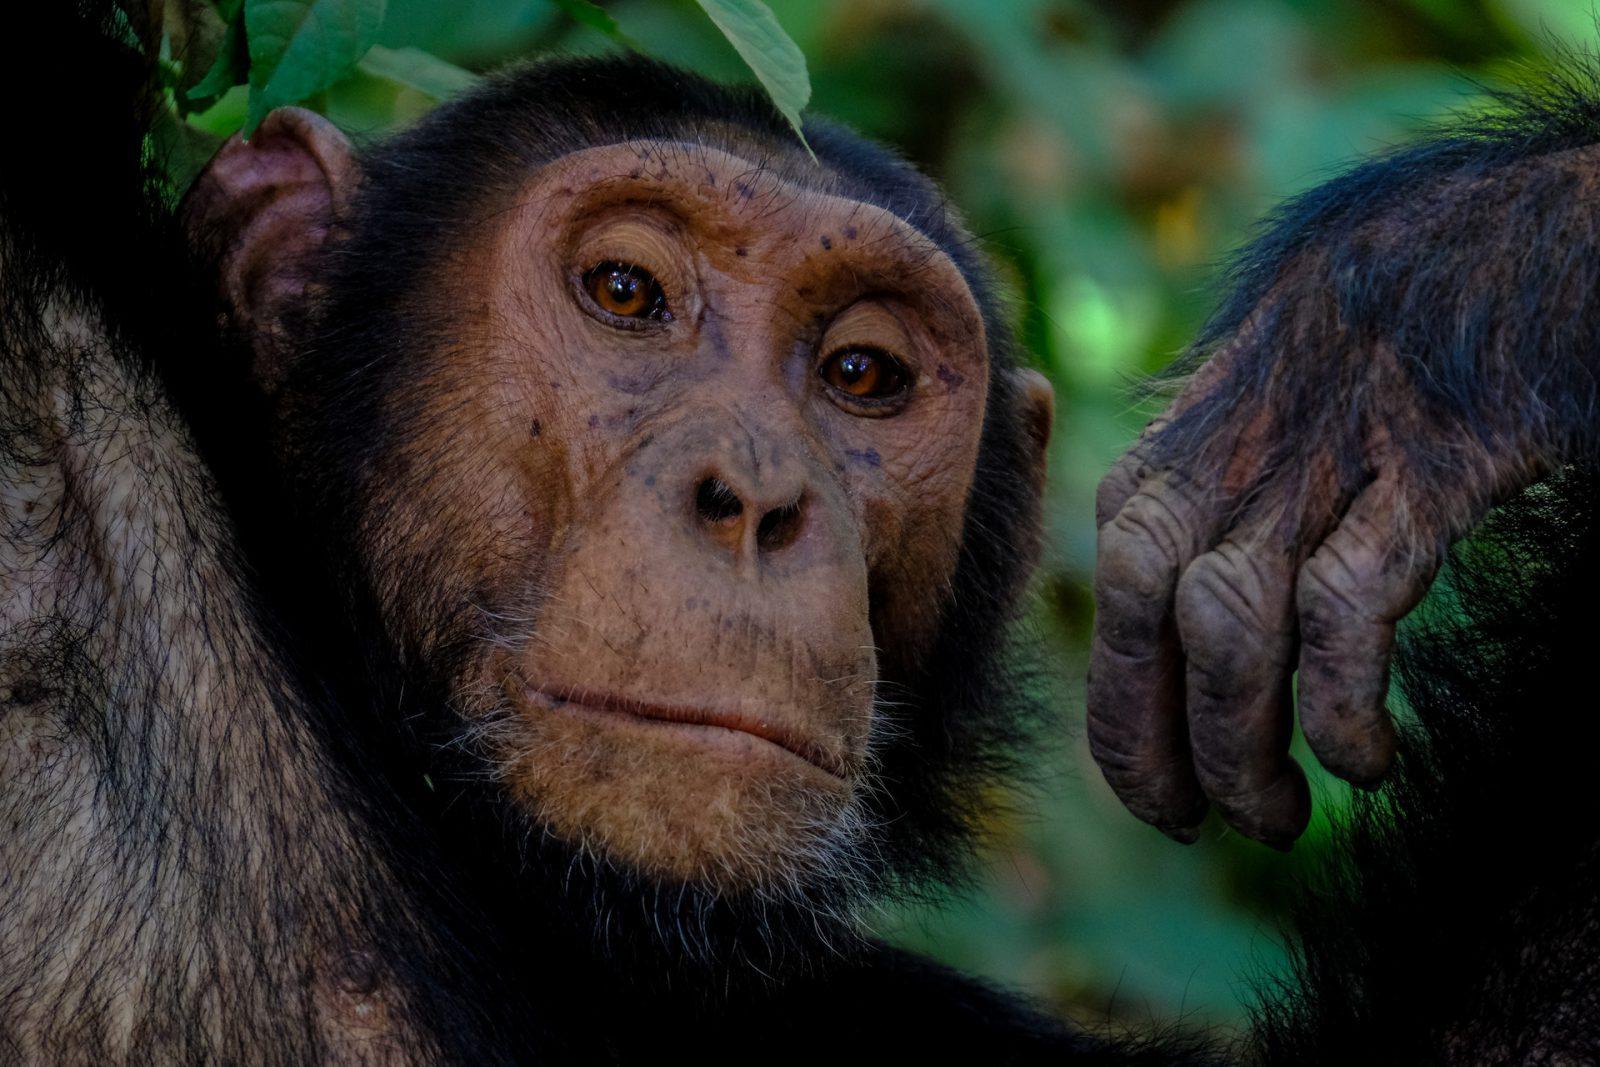 Sonhar com macaco simboliza imaturidade de caráter.